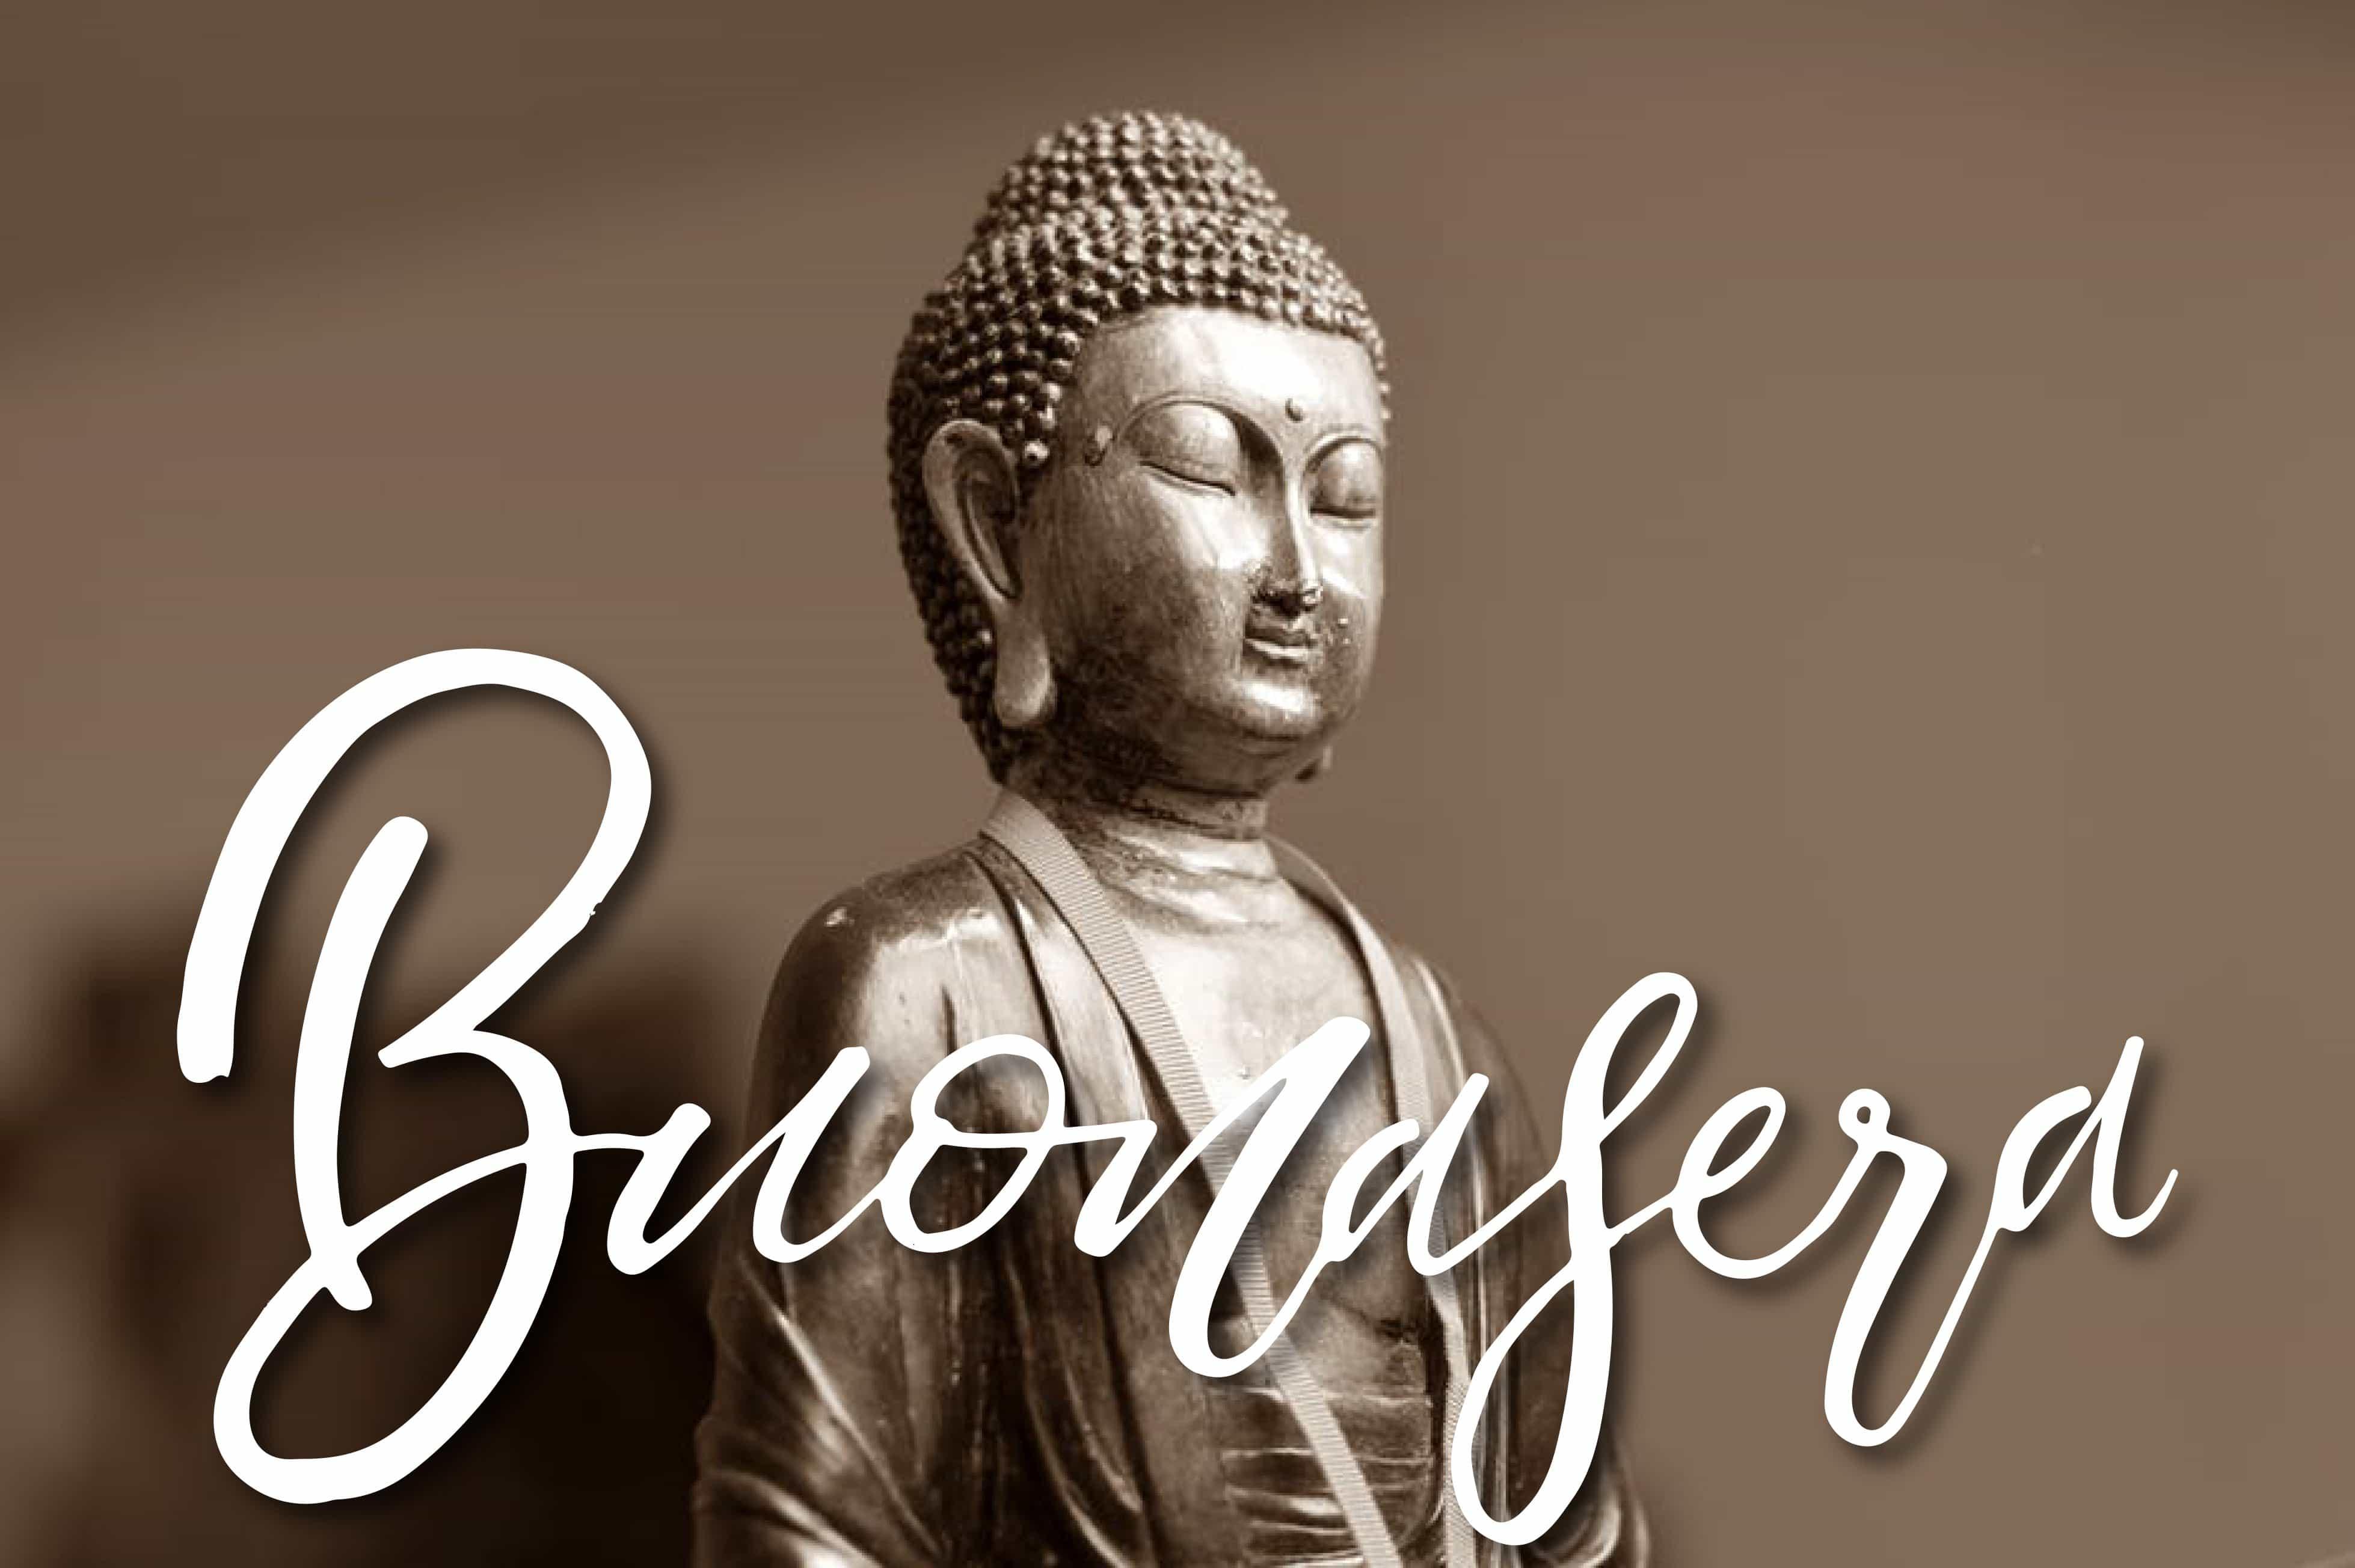 Foto di buona sera con Buddha